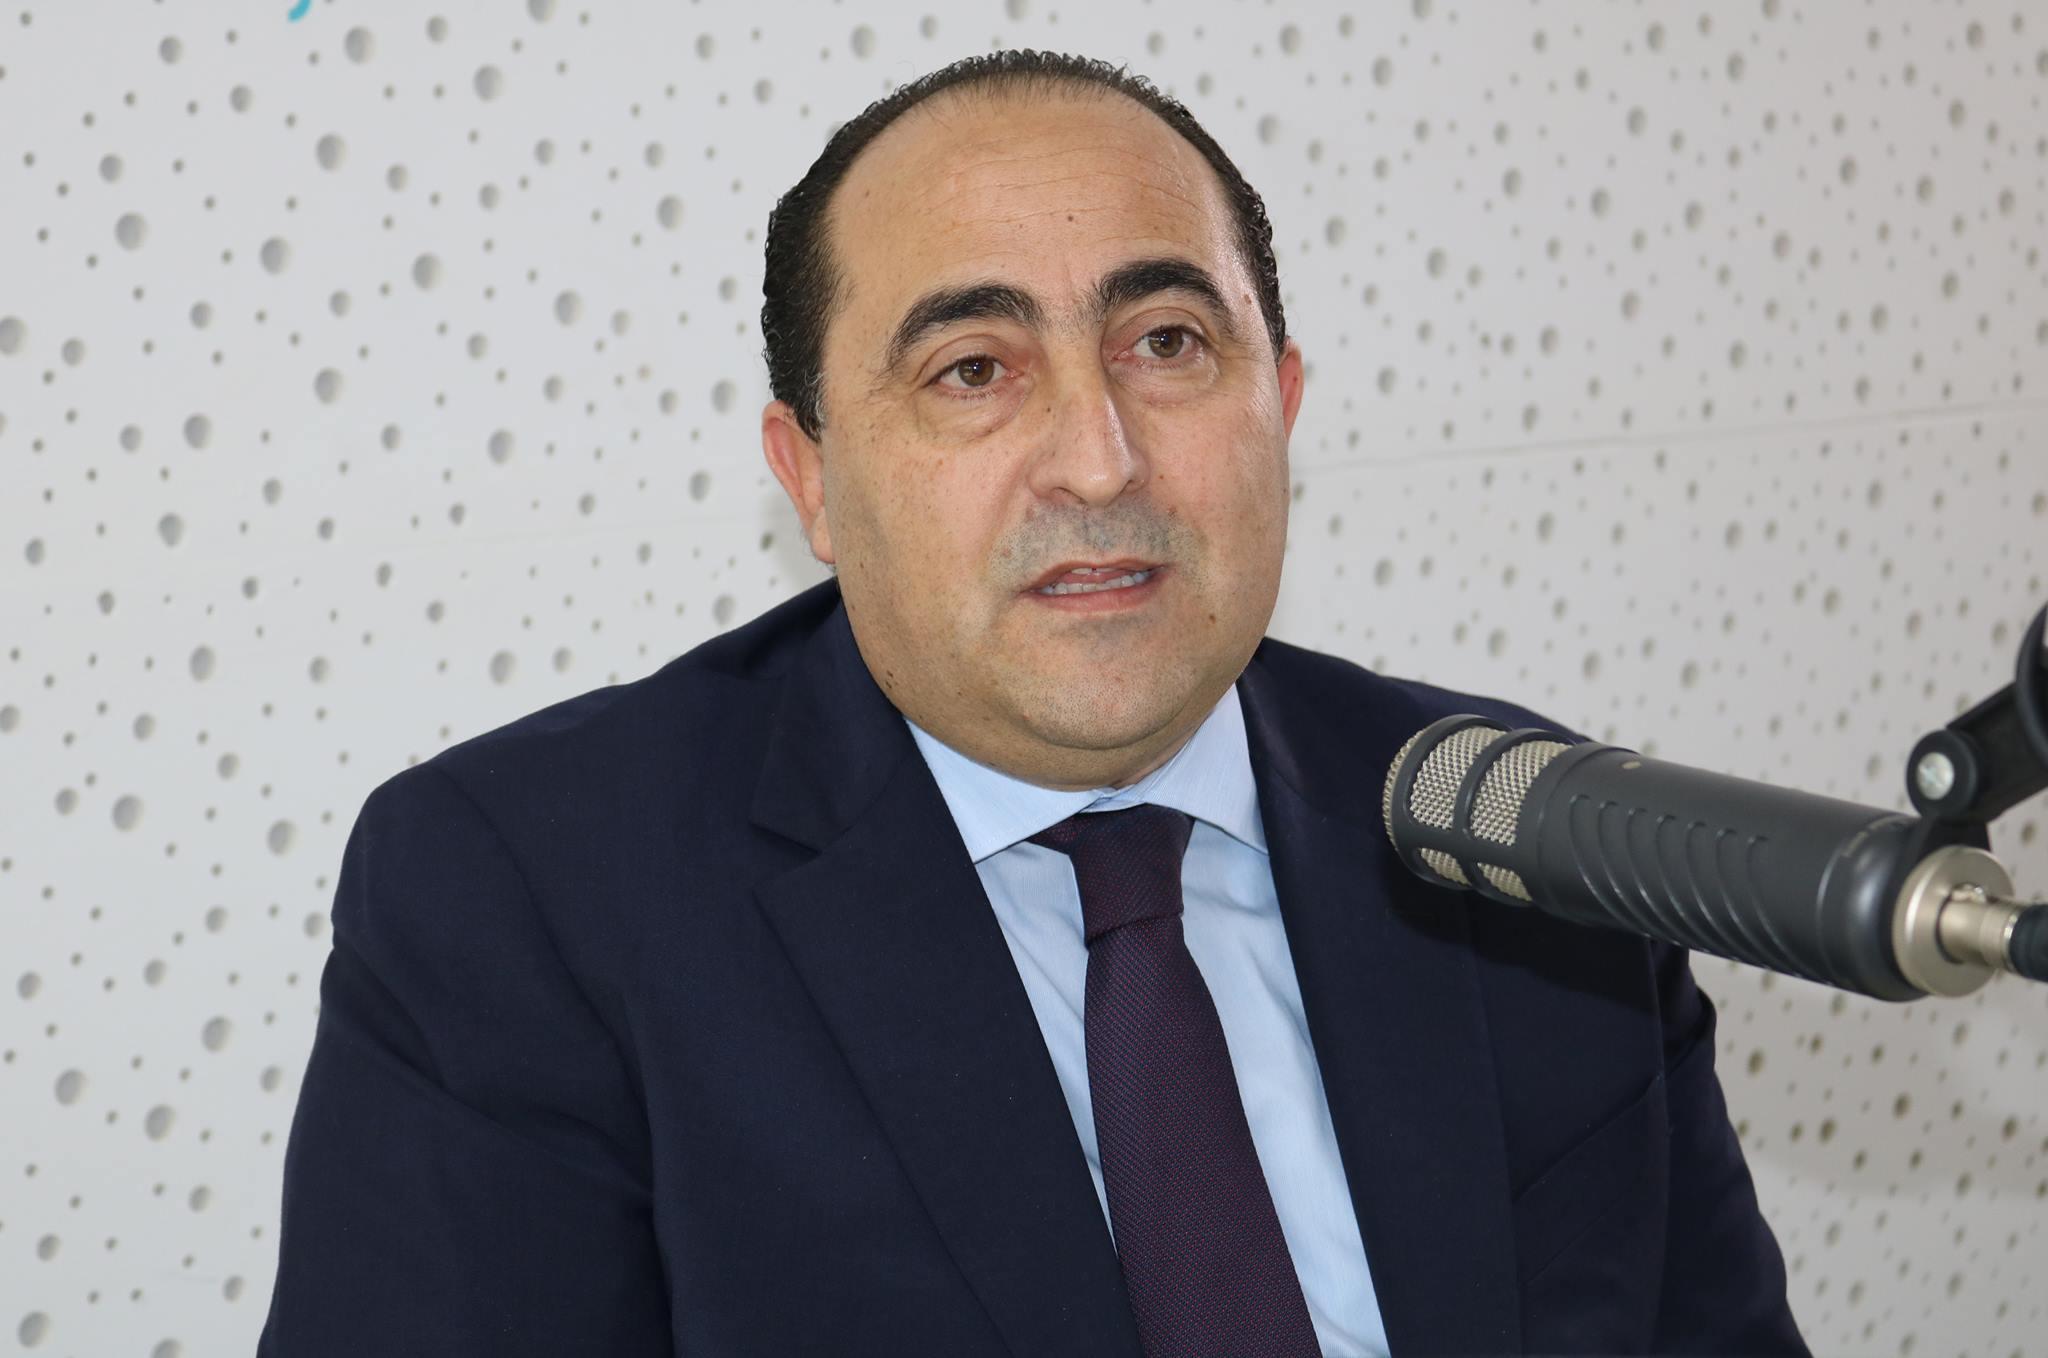 وزير النقل التونسي: إعادة هيكلة الخطوط الجوية يناير المقبل